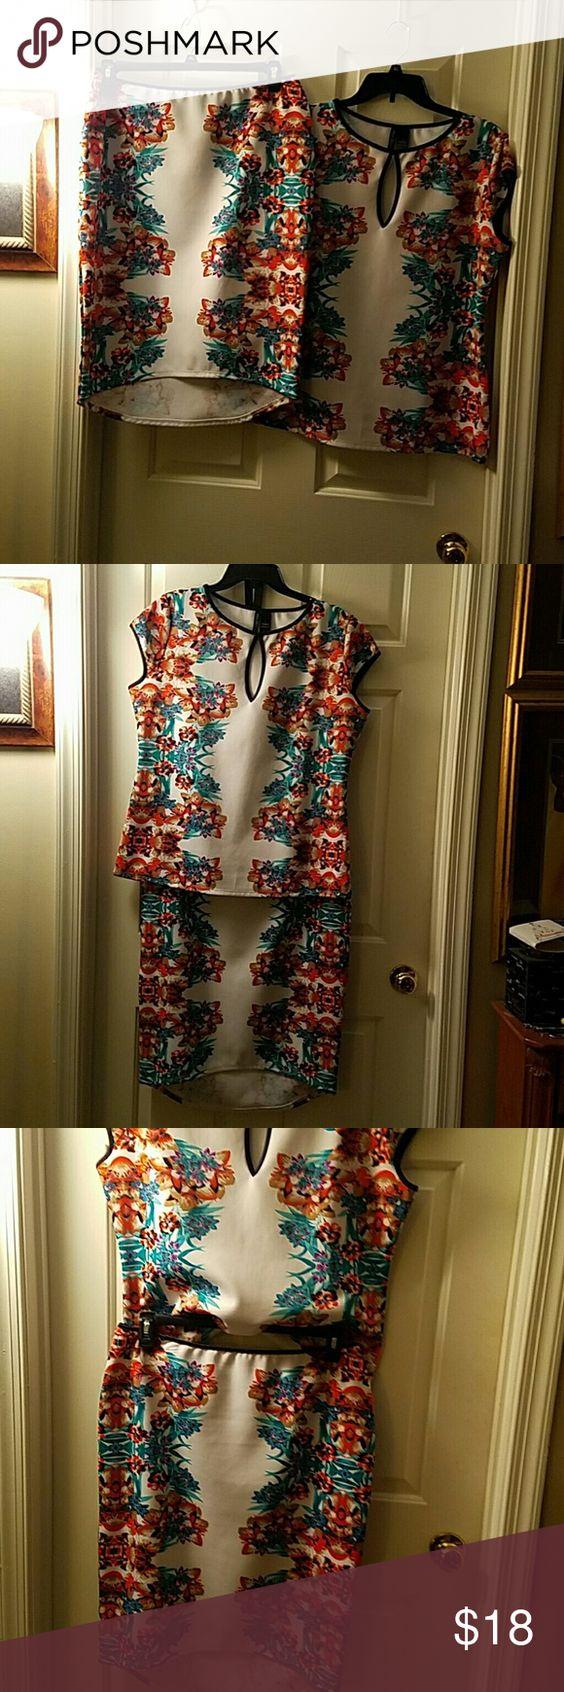 Skirt Set Multi-color skirt set Bisou Bisou Skirts Skirt Sets